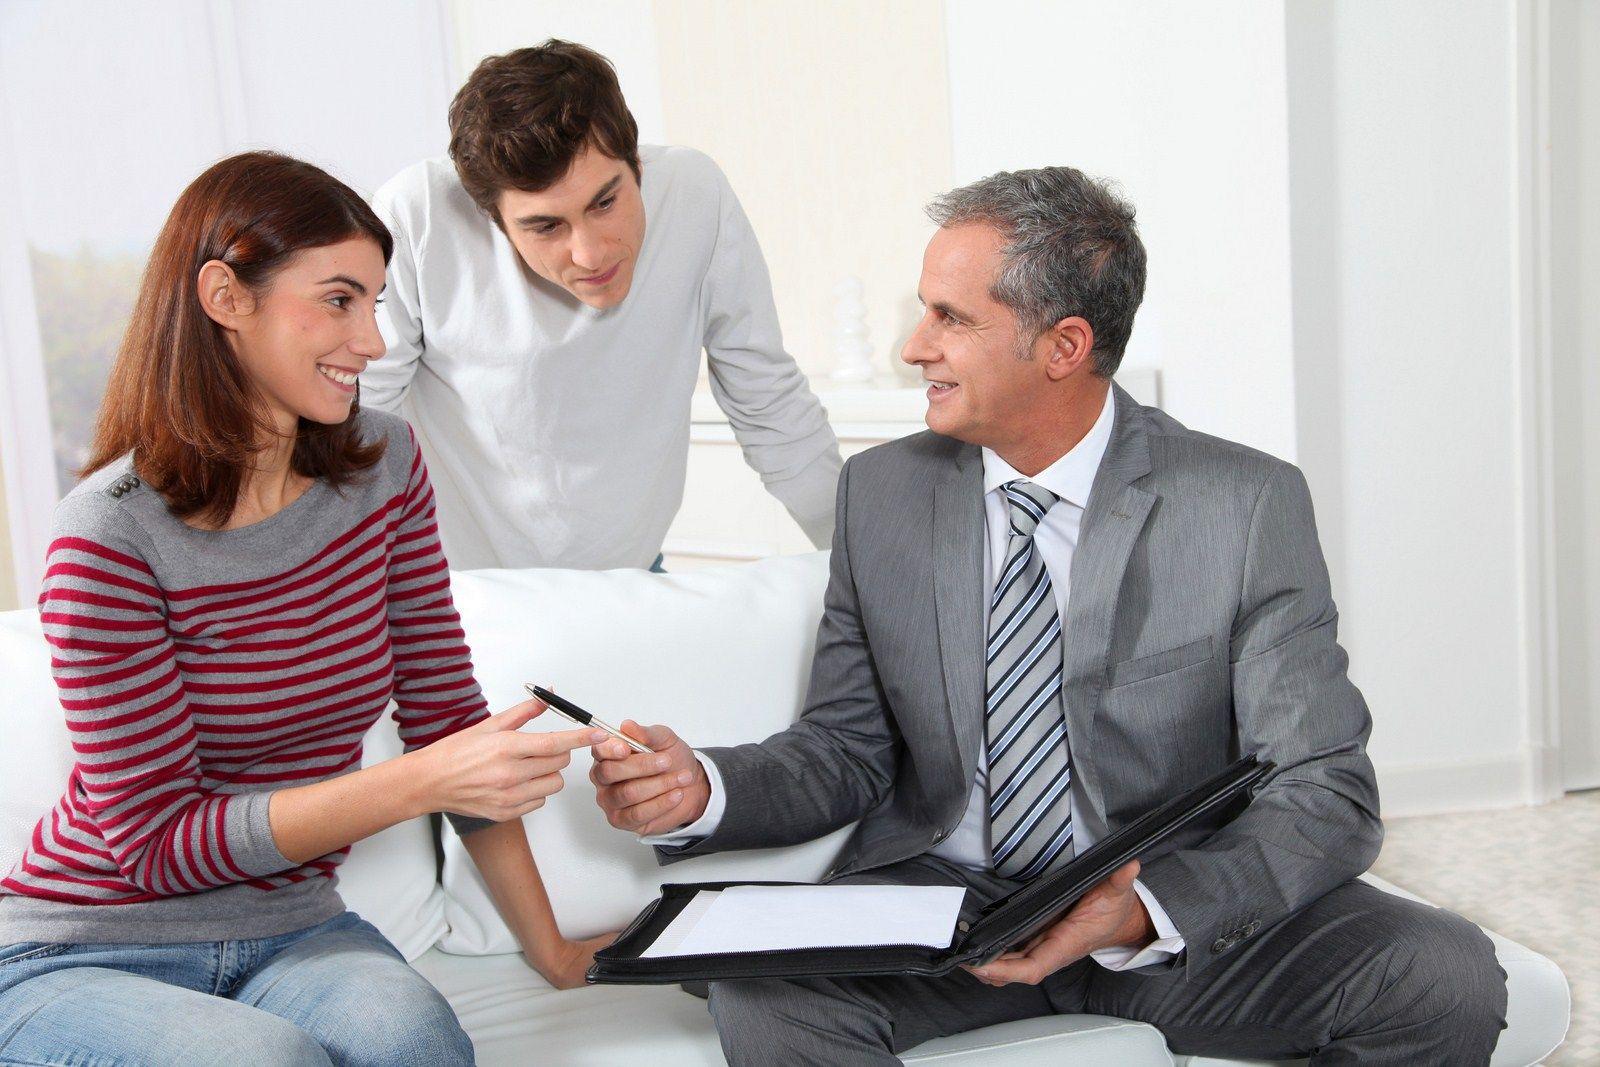 Corretor de imóveis, como a metodologia 5S pode ajudar seu negócio?